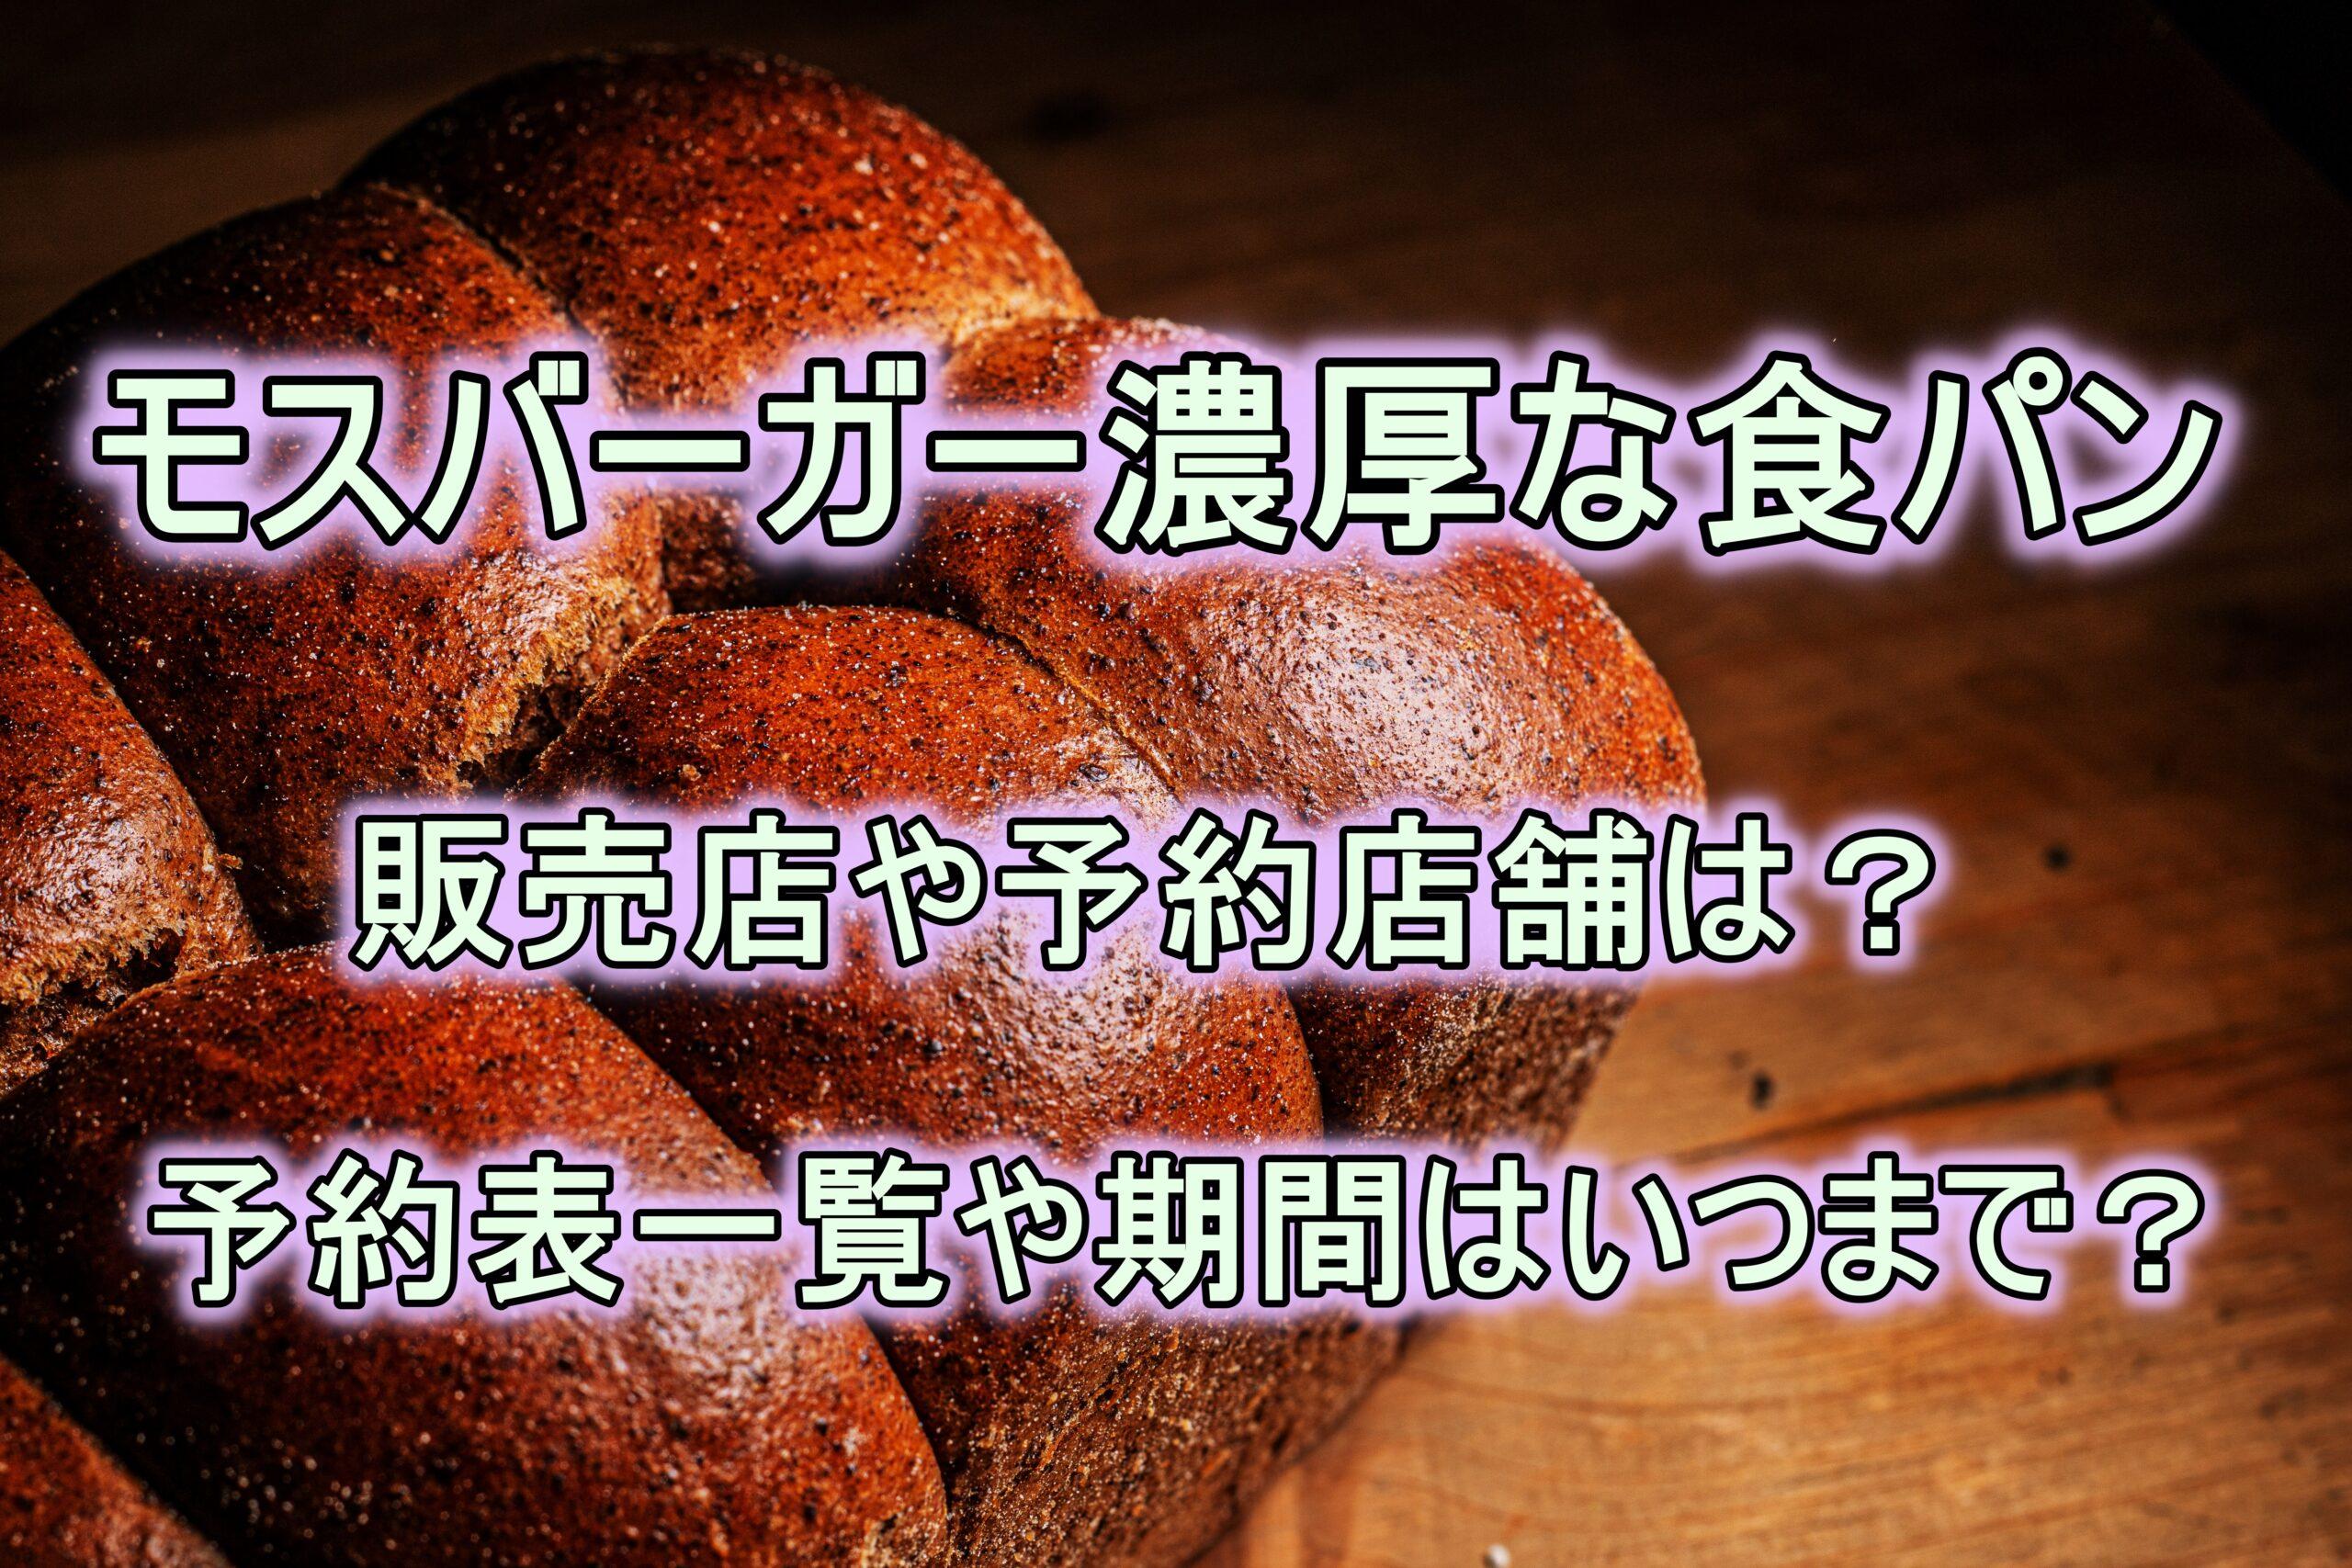 店舗 販売 モスバーガー 食パン